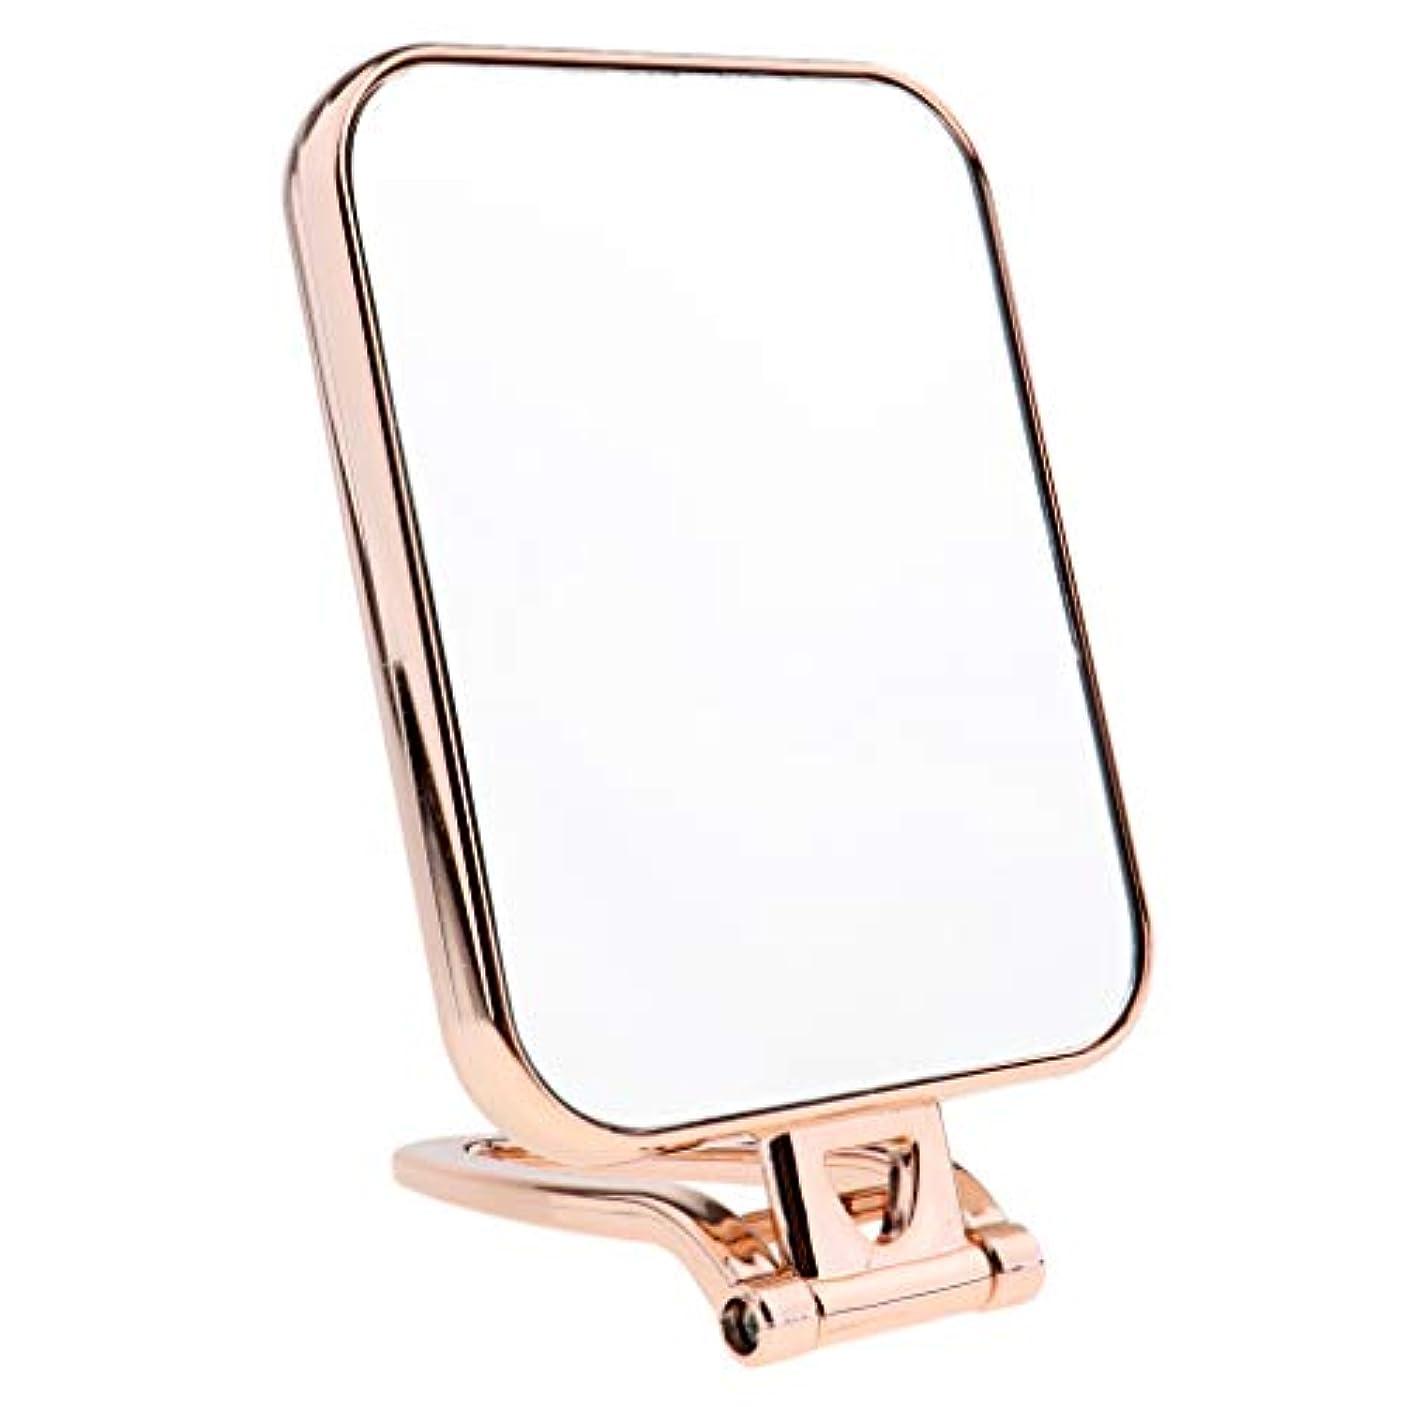 病な病んでいる似ている3色選択 スクエア 化粧鏡 化粧台ミラー スタンド付き 卓上ミラー 両面ミラー 両面鏡 - ゴールド